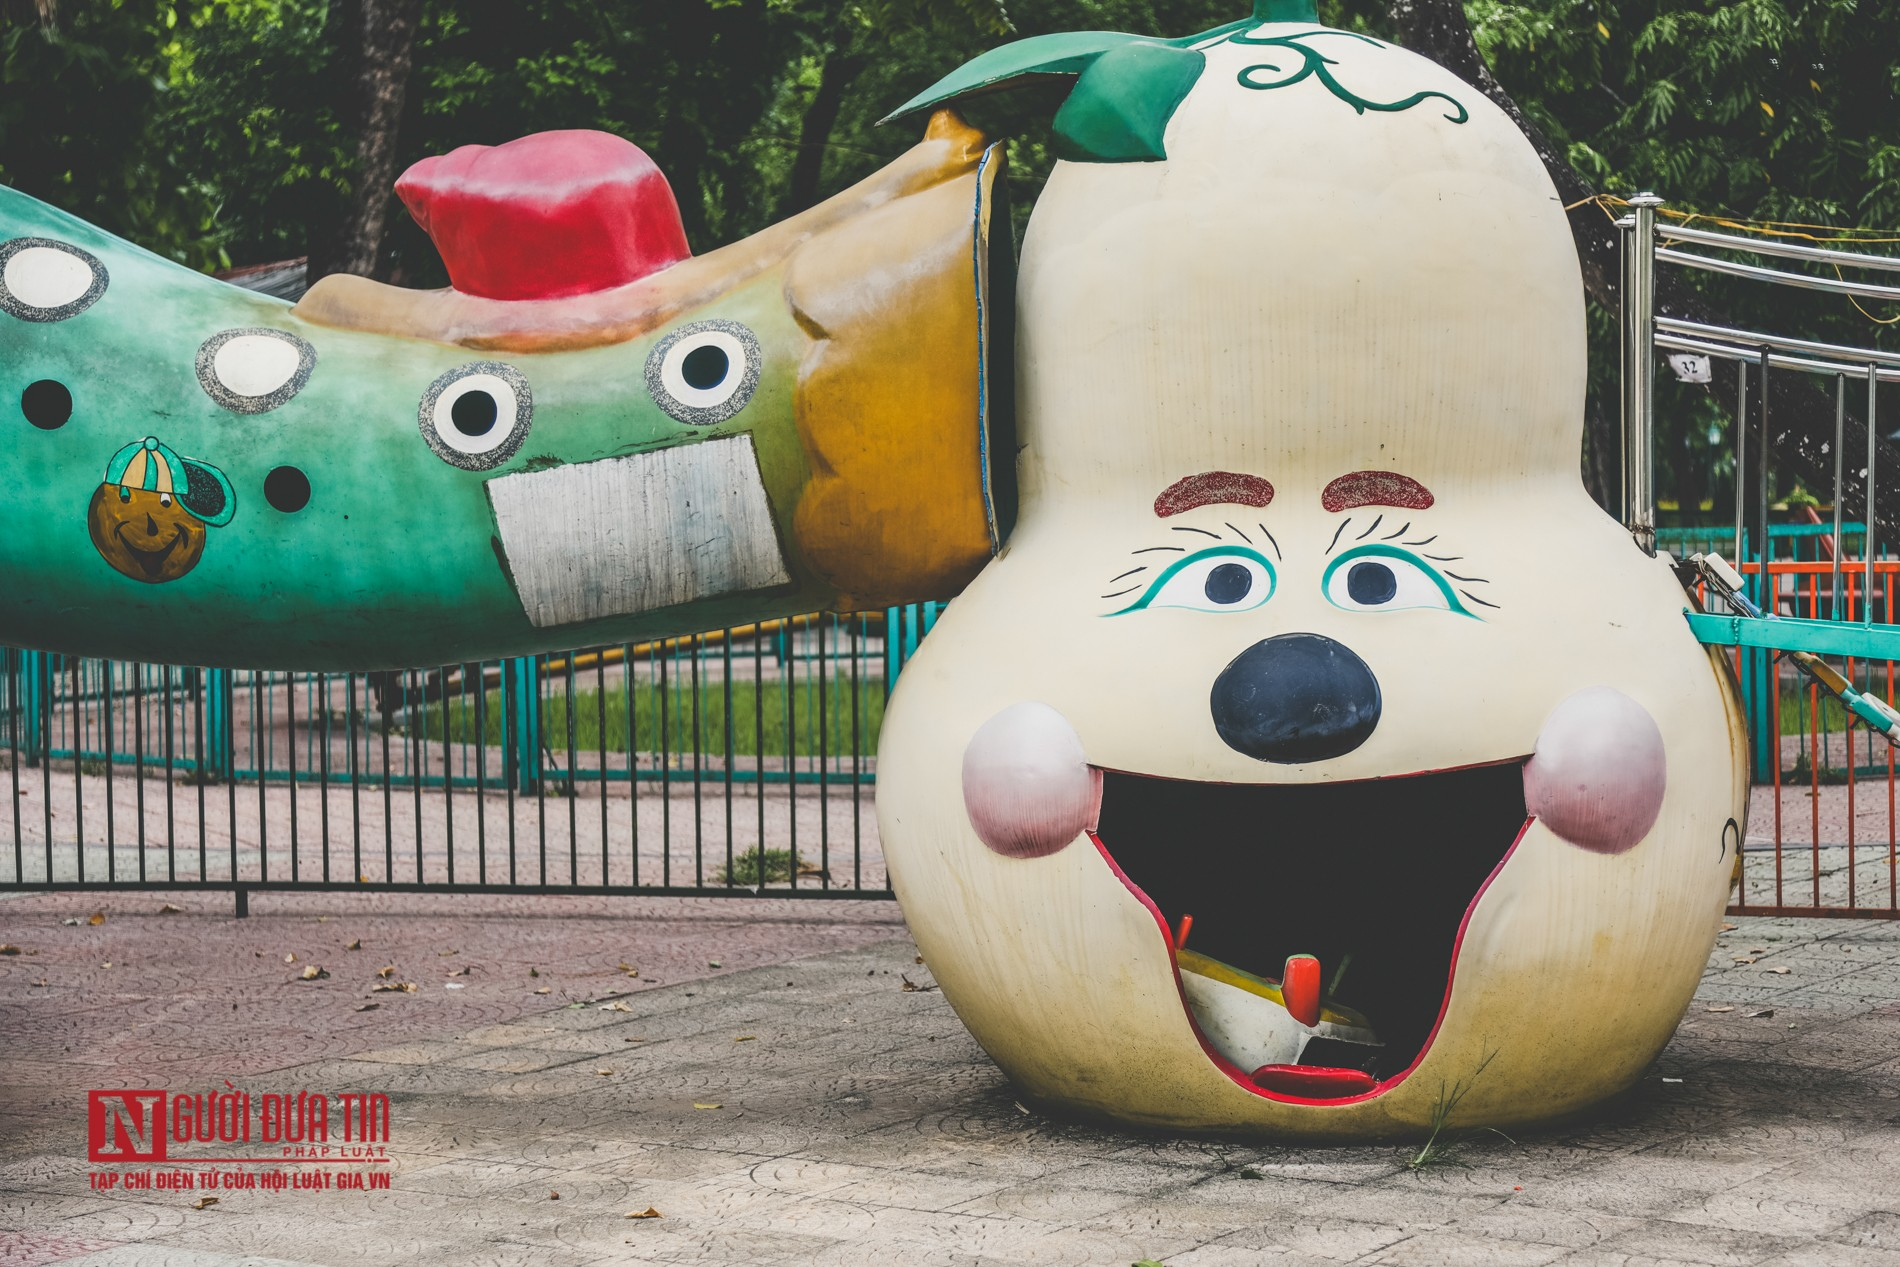 Hà Nội: Xót xa những hạng mục vui chơi cho trẻ xuống cấp, hư hỏng tại công viên Thống Nhất-7